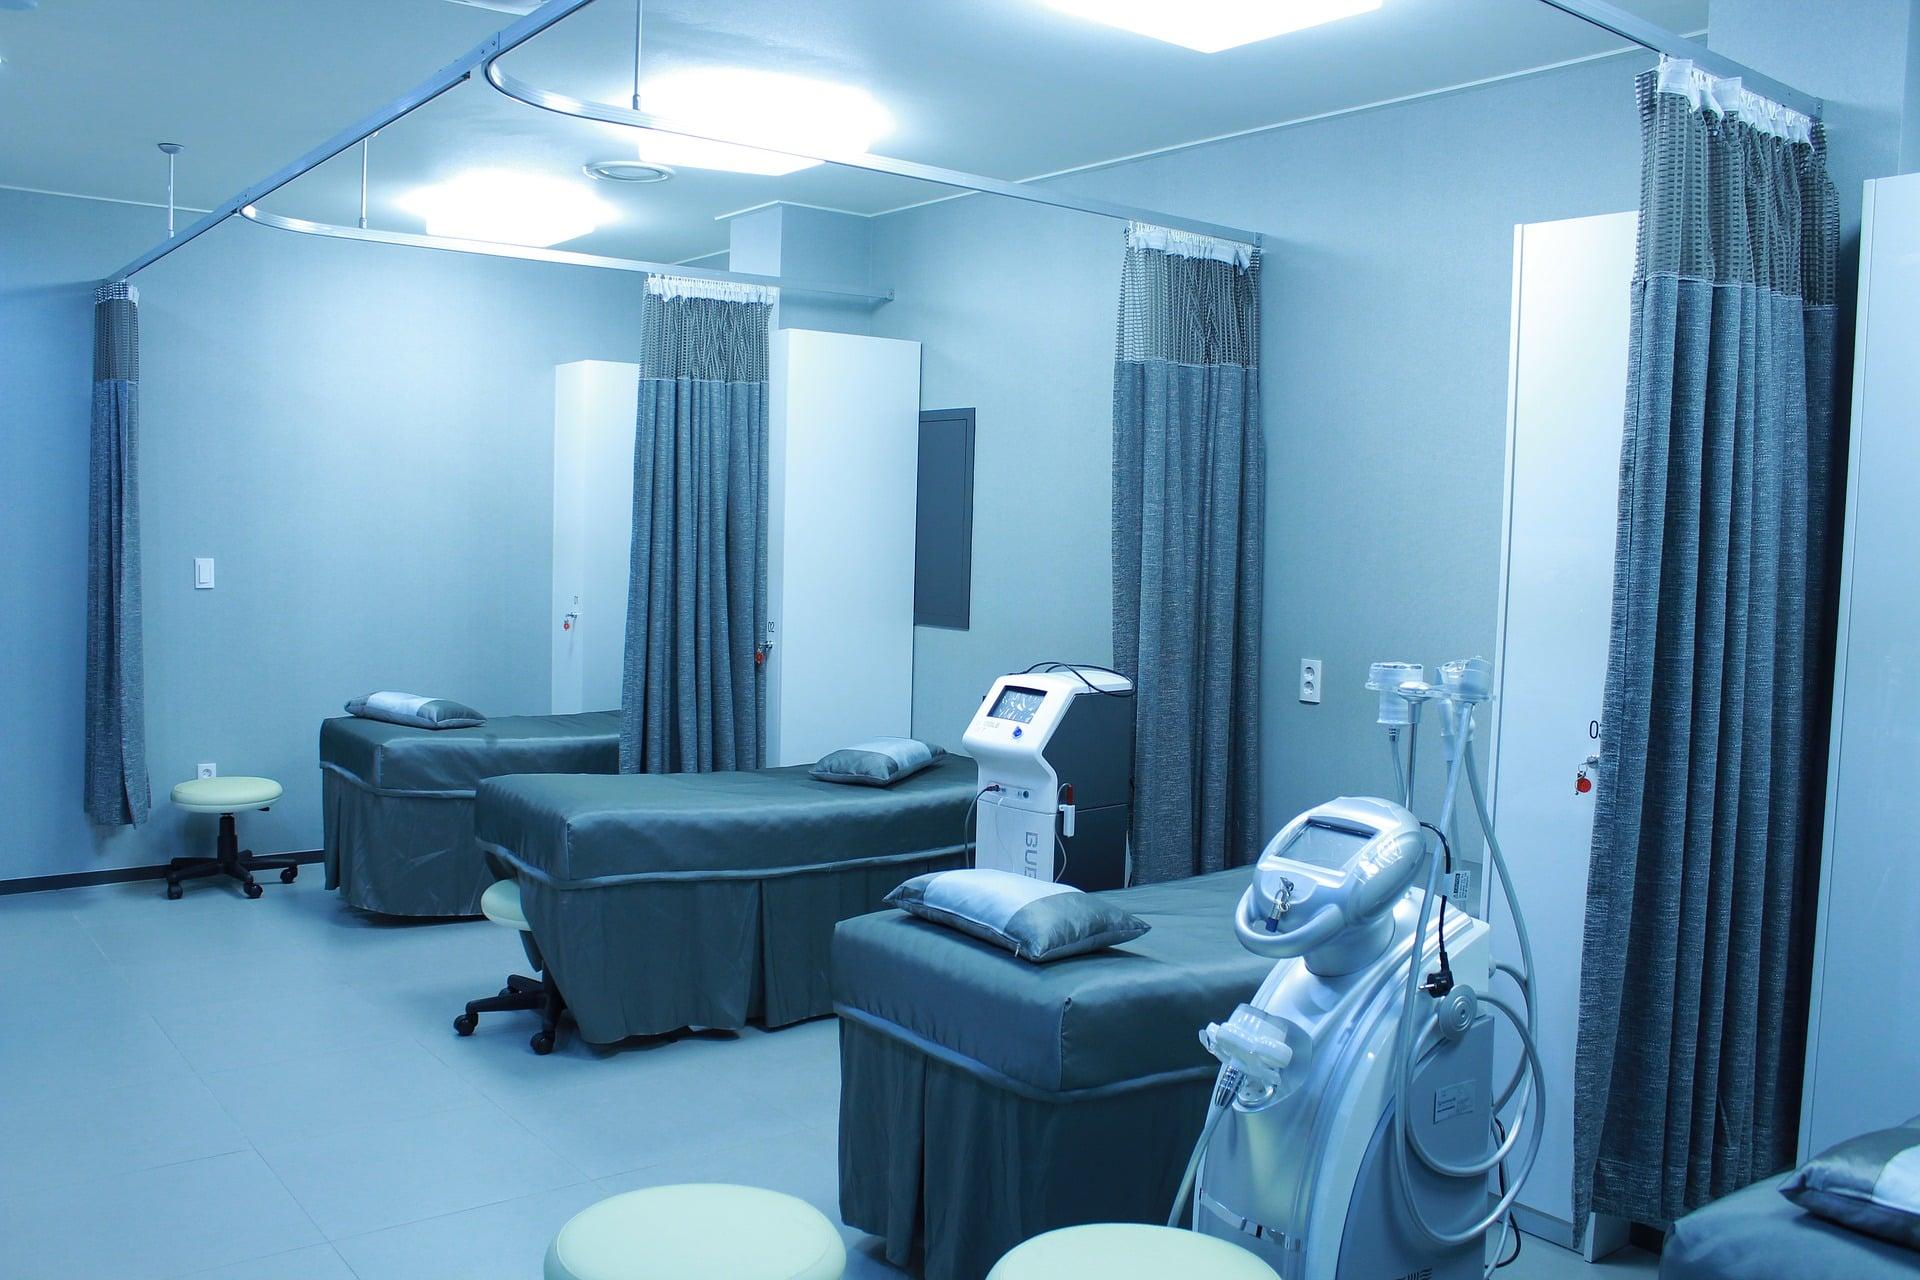 كورسات محاسبة المستشفيات